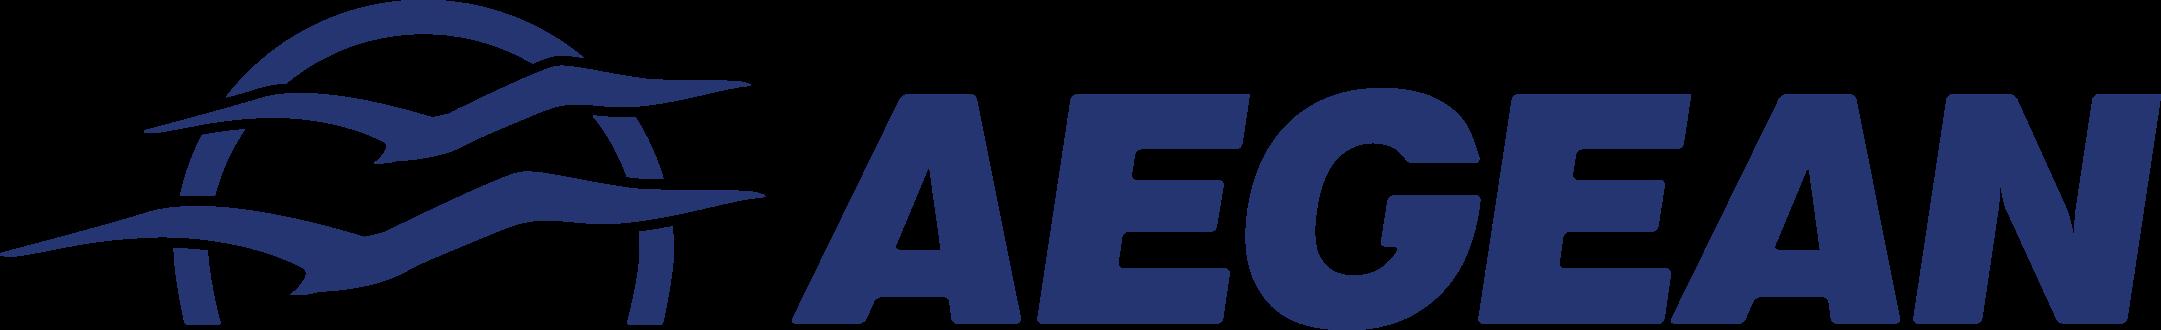 aegean logo 1 - Aegean Airlines Logo